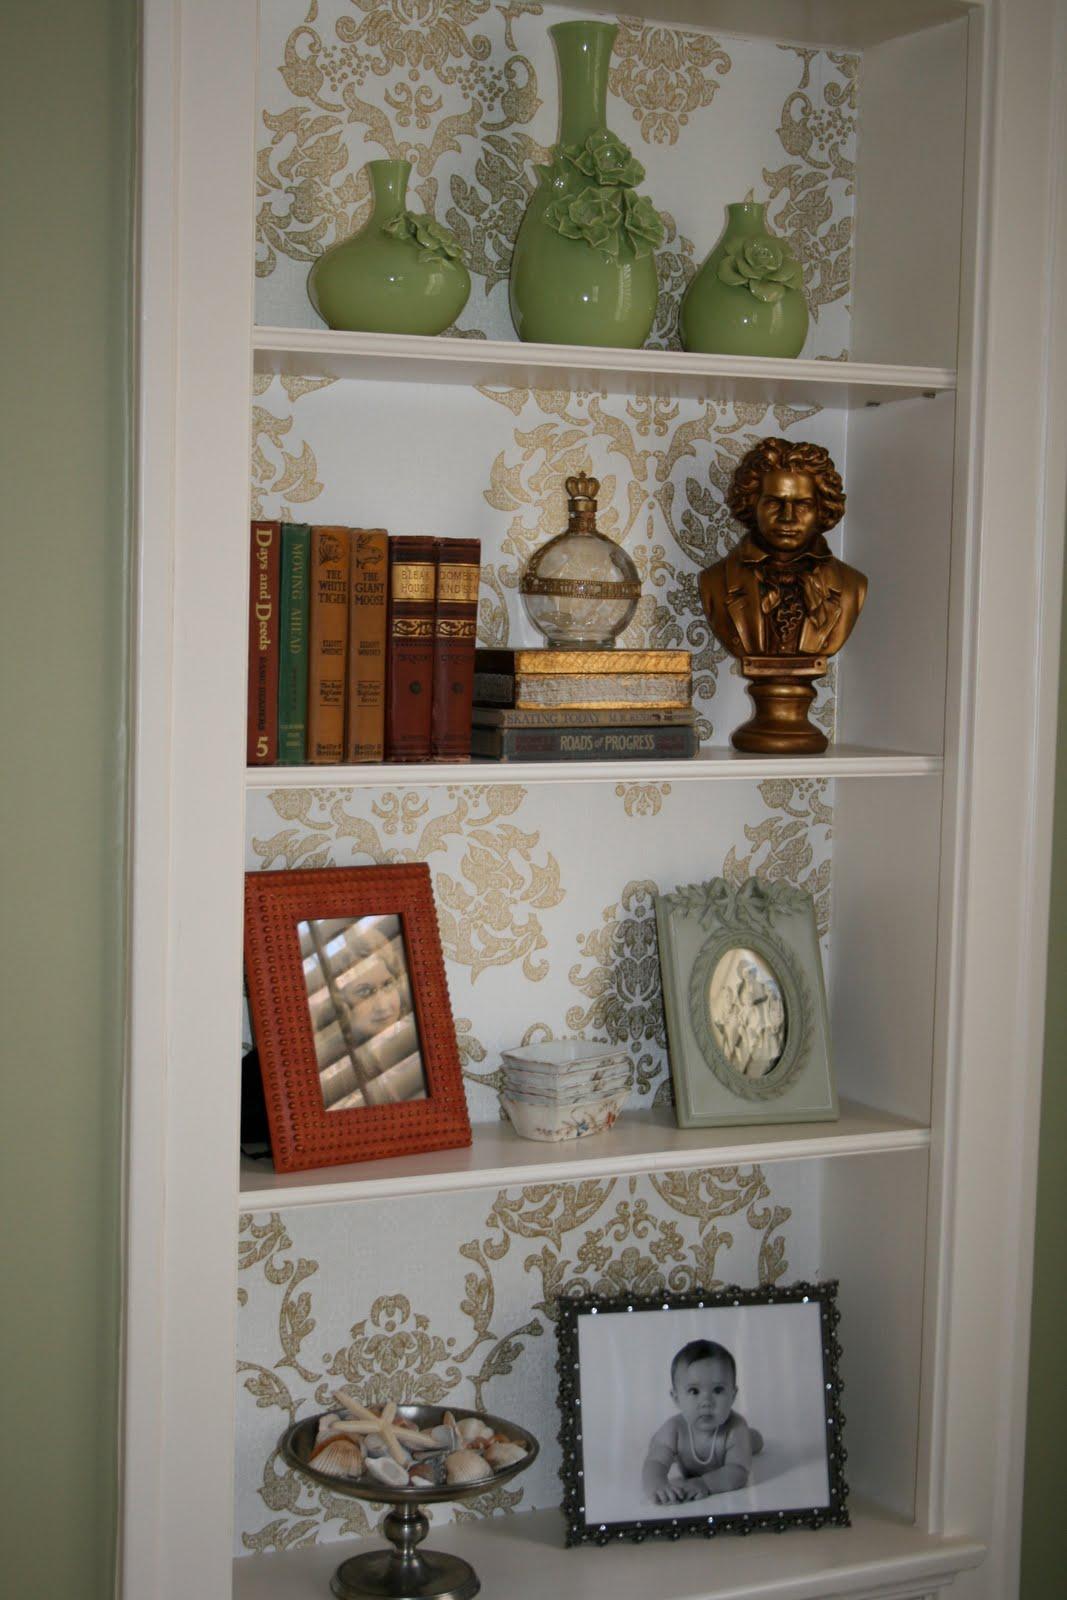 http://2.bp.blogspot.com/_M46xYnzKmlw/S7FTzchJ6bI/AAAAAAAABY0/Ai4rdbdRn9U/s1600/bookcase+r.jpg